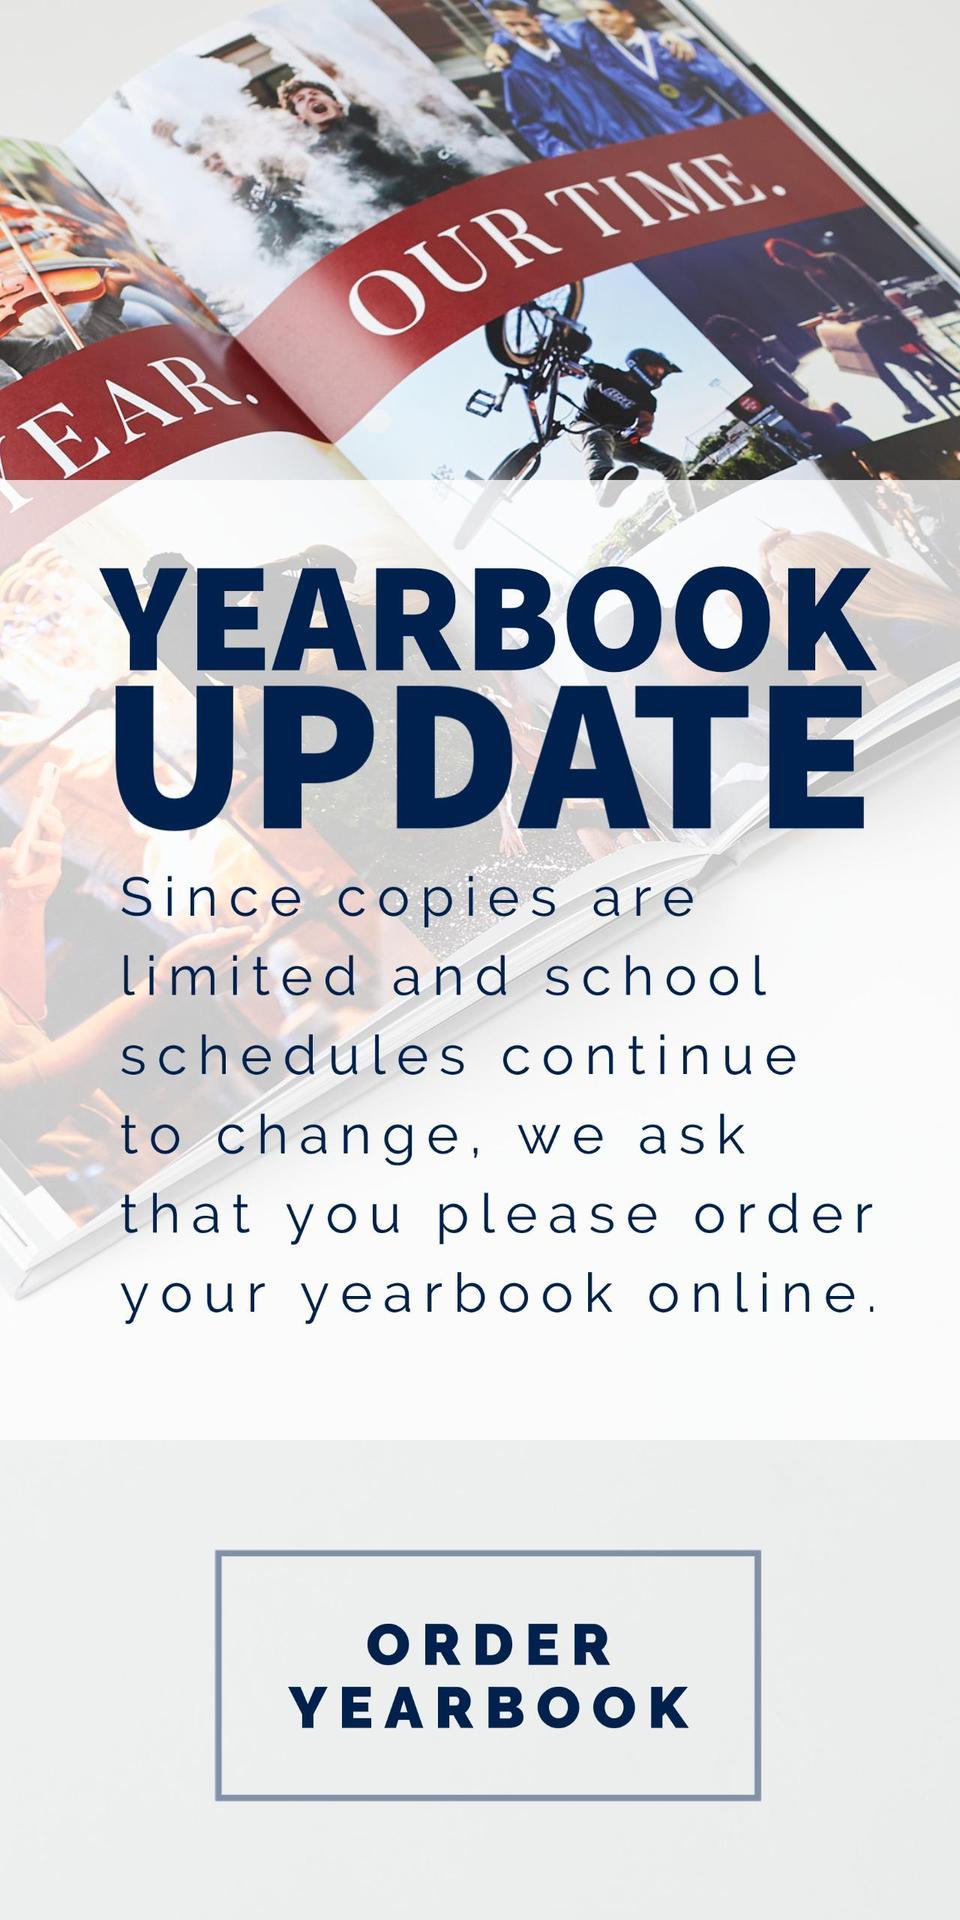 jostens yearbook website